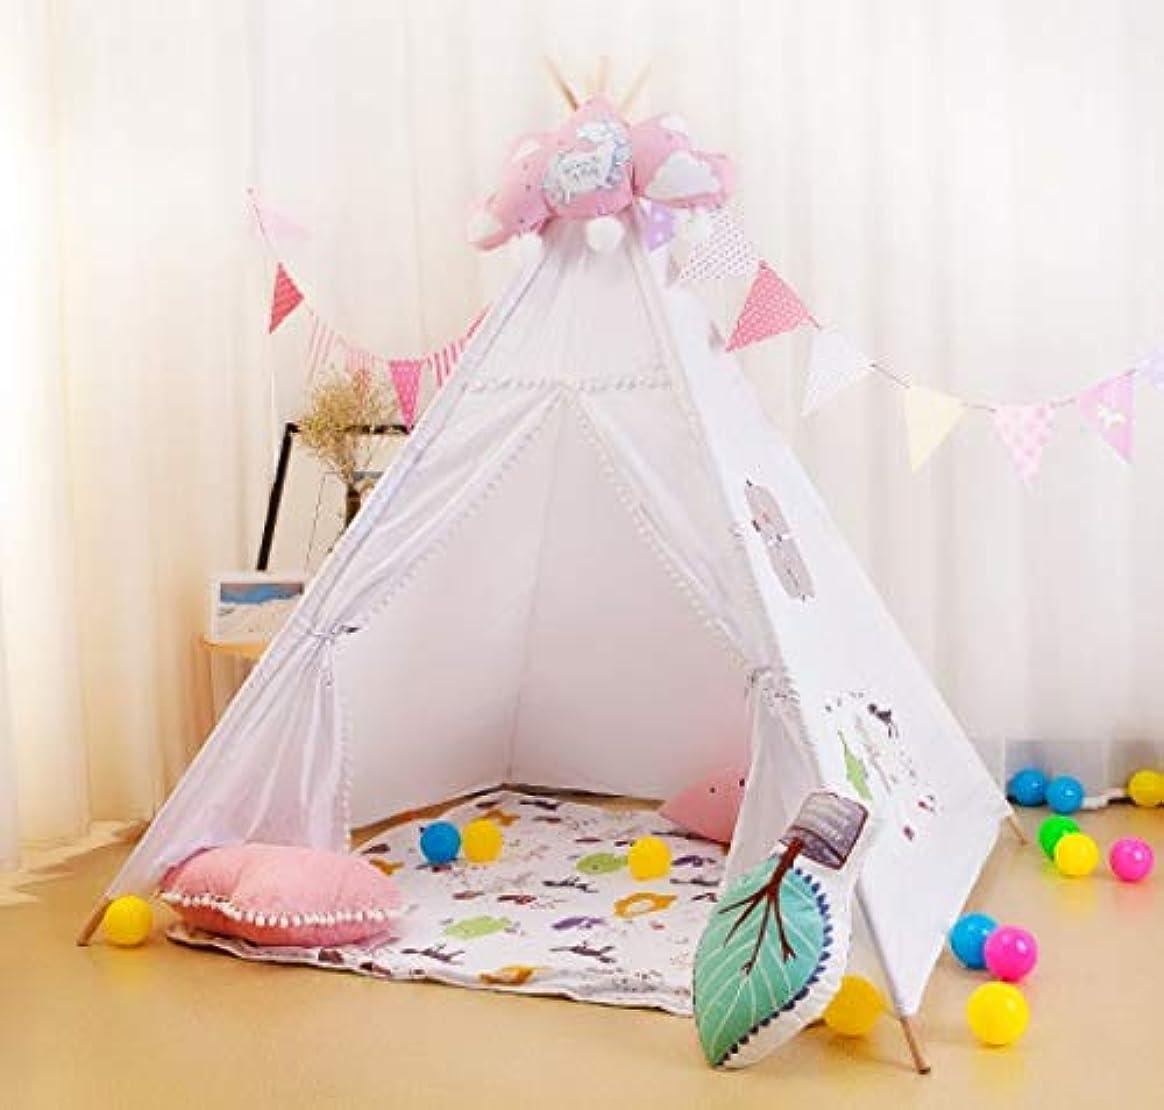 パイプピンクスリップSun-happyyaa 屋内の女の子のゲームのおもちゃのテント子供のテント赤ちゃんのおもちゃの家超軽量防水防風防蚊 購入へようこそ